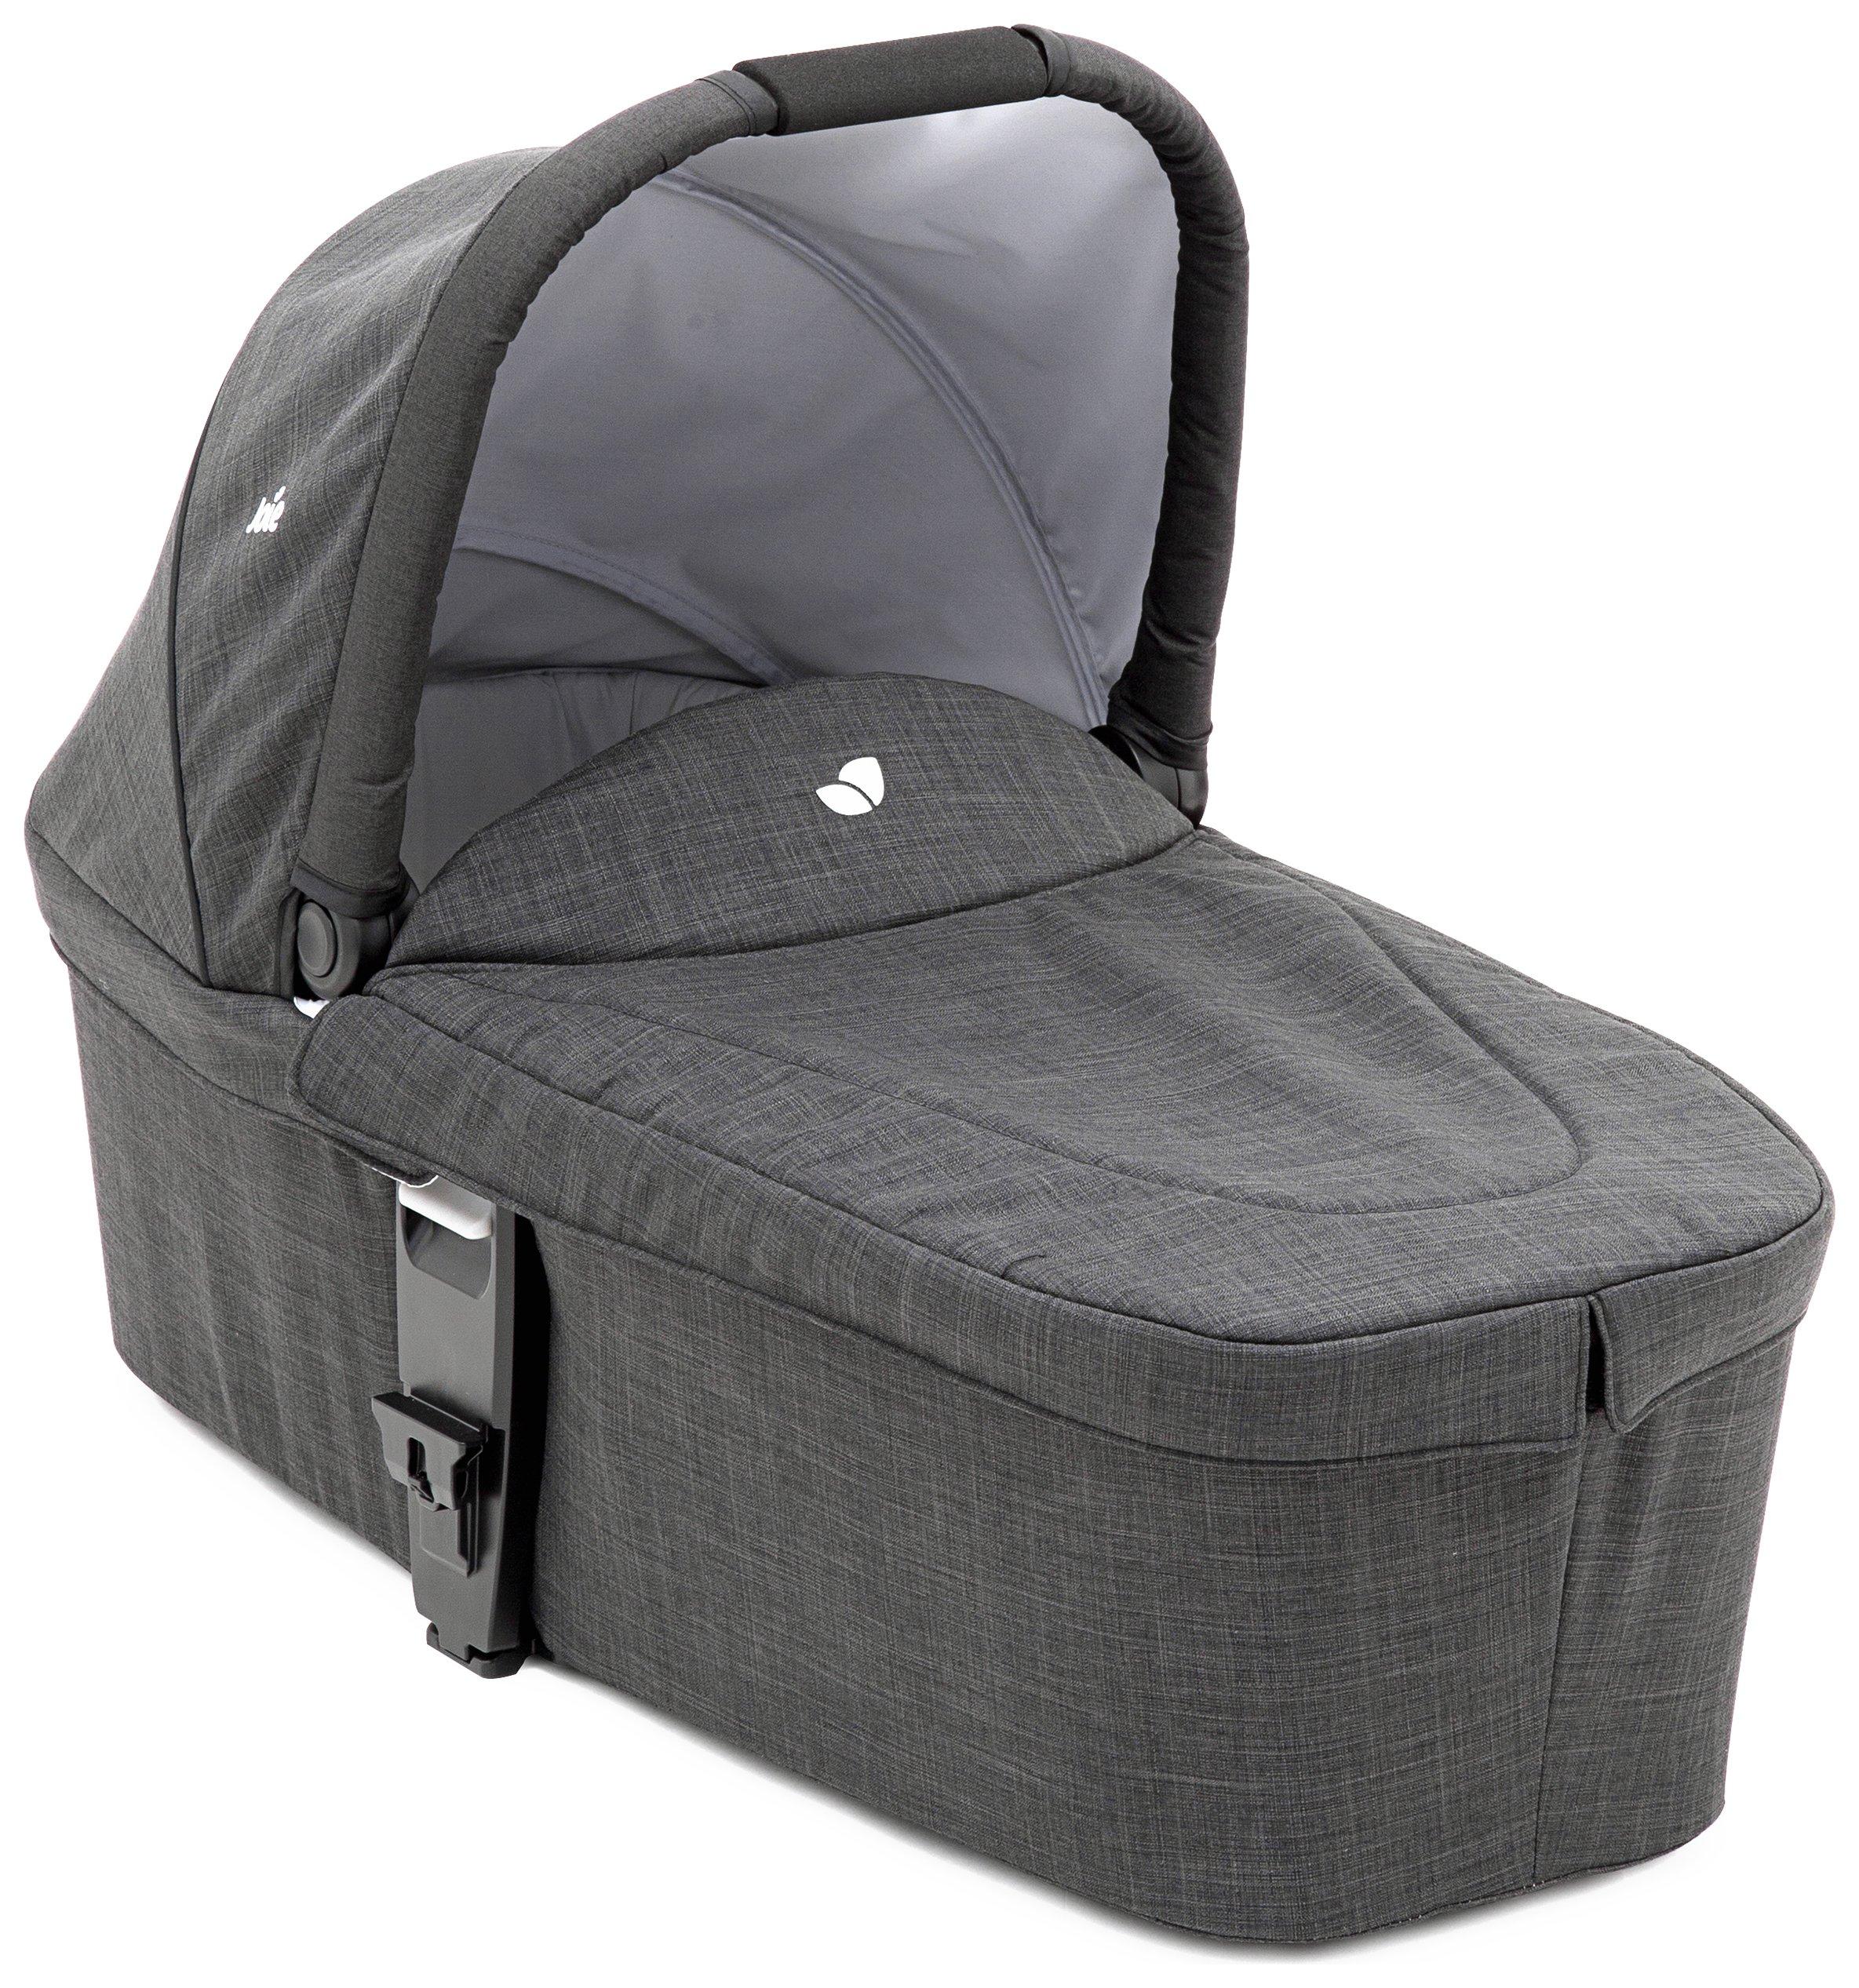 Joie Pavement Chrome DLX Carry Cot